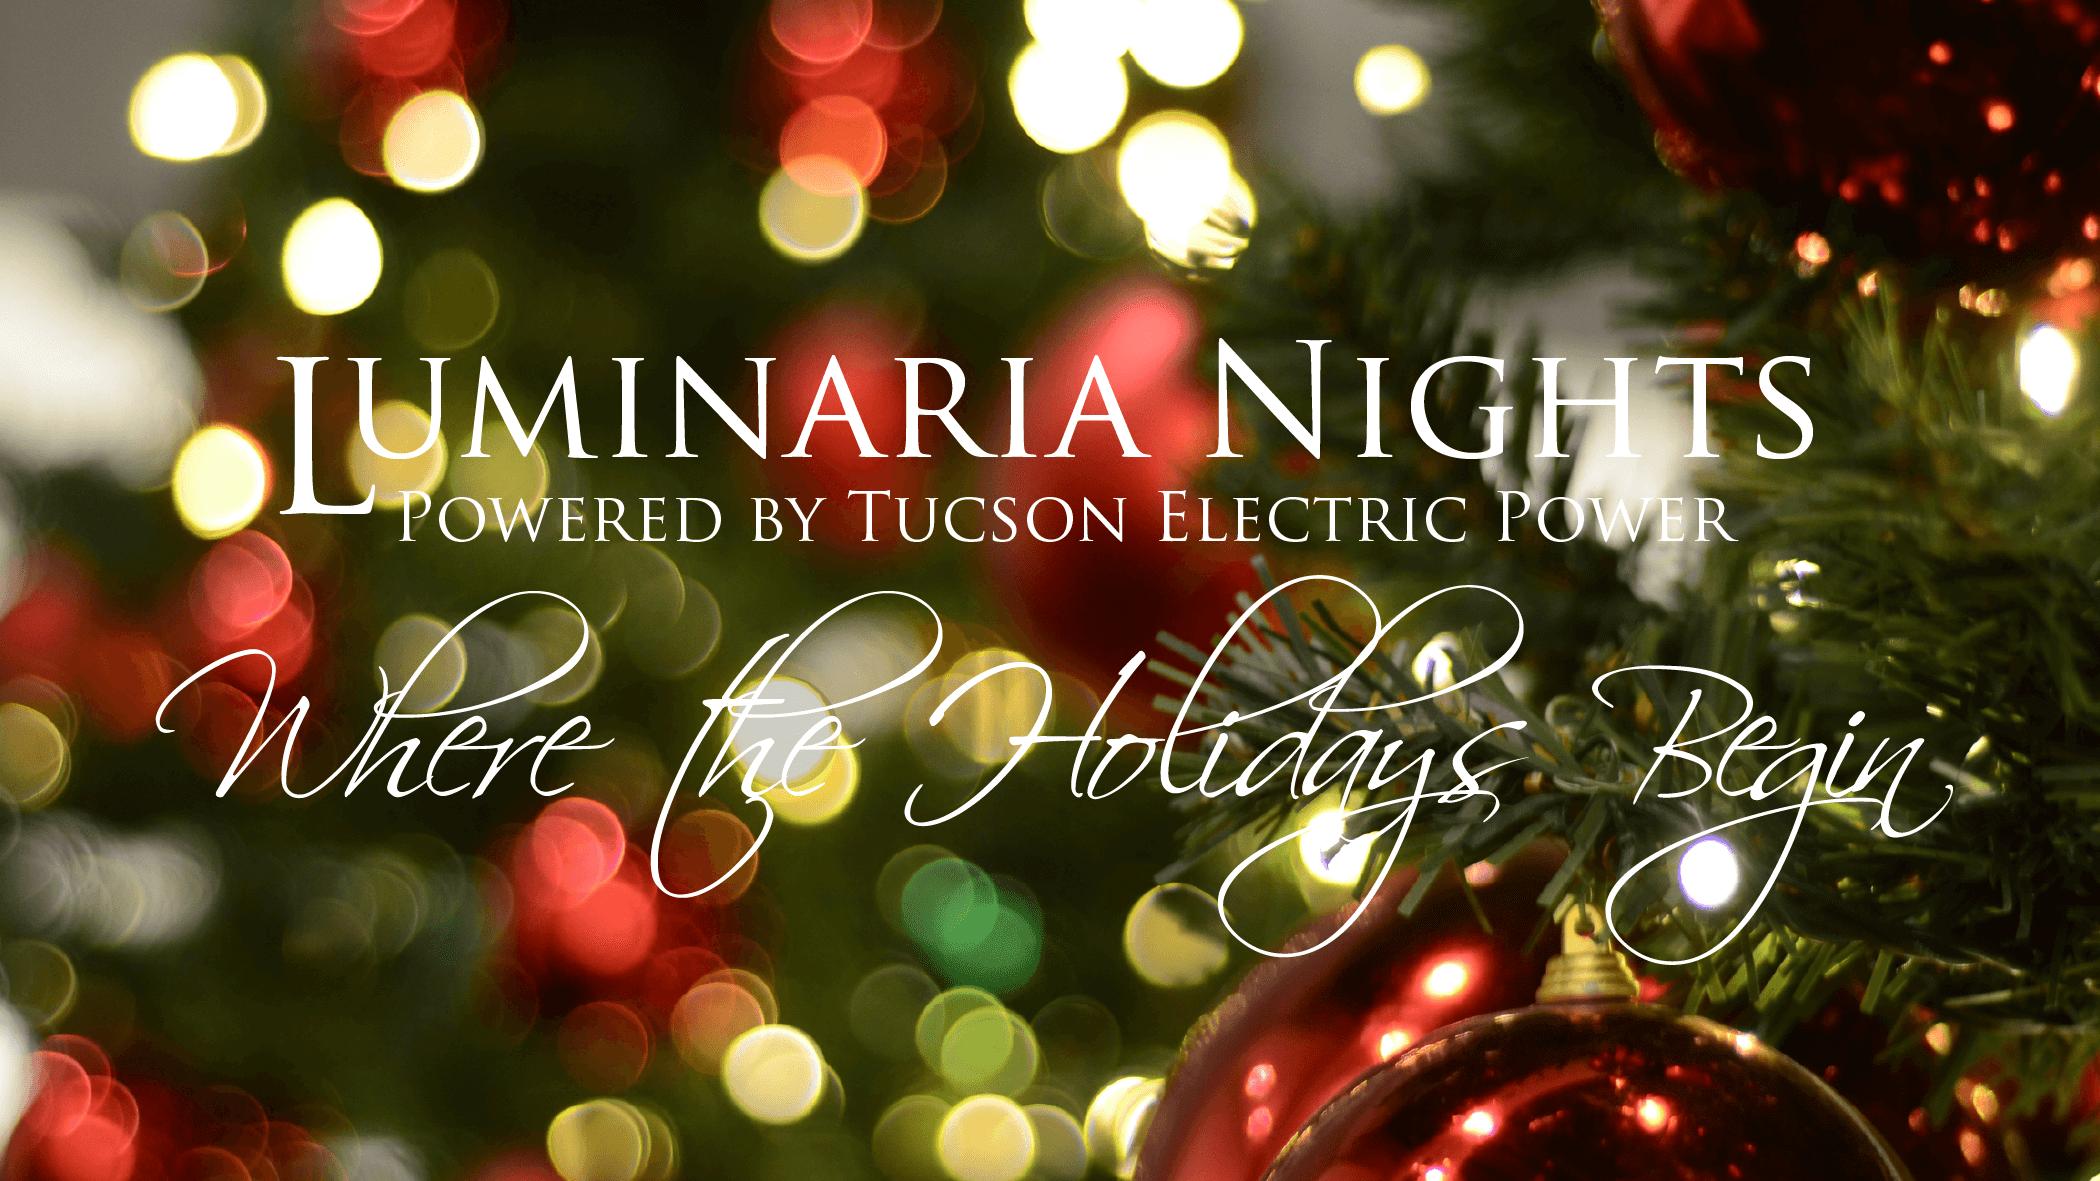 lumnightsweb 01 e1572283416503 - Tucson Botanical Gardens Luminaria Night 2019